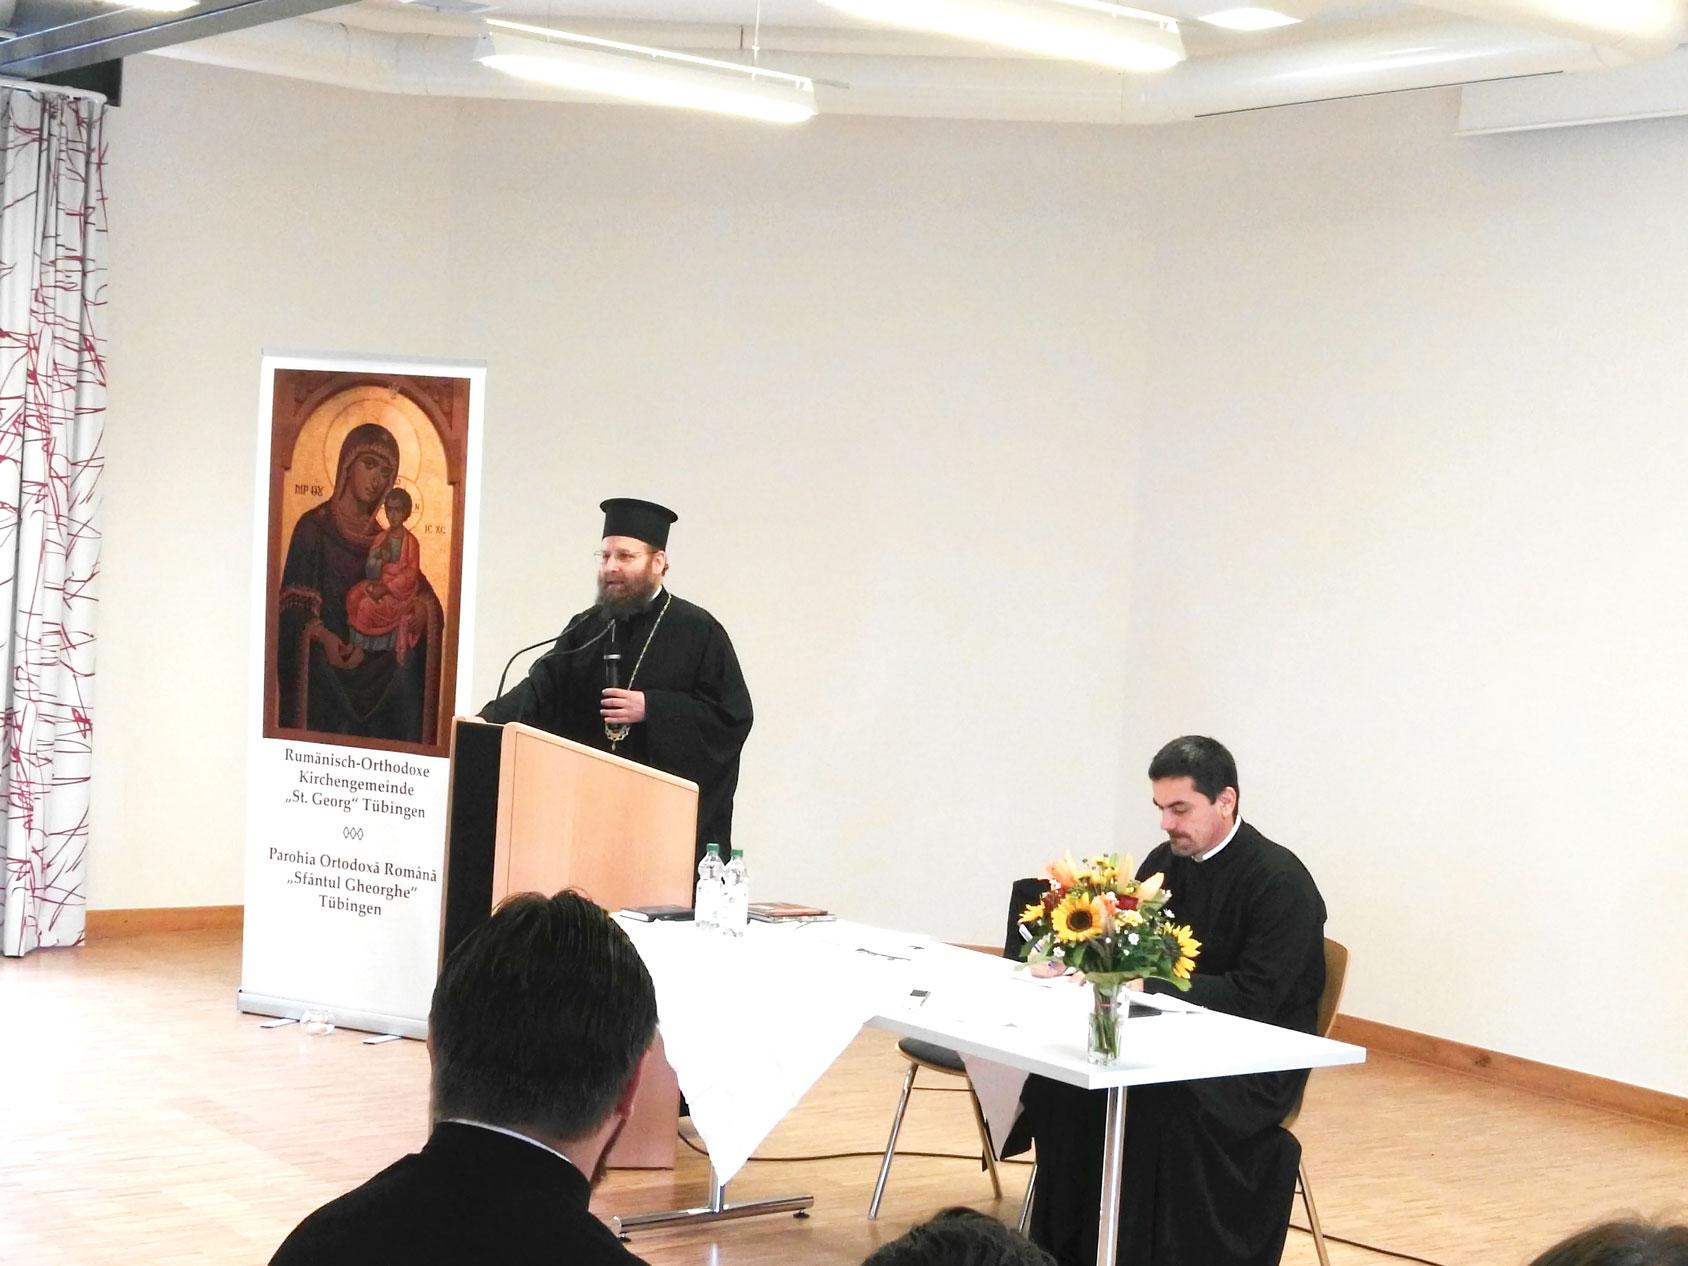 Întâlnire  a tinerilor ortodocși români din Germania